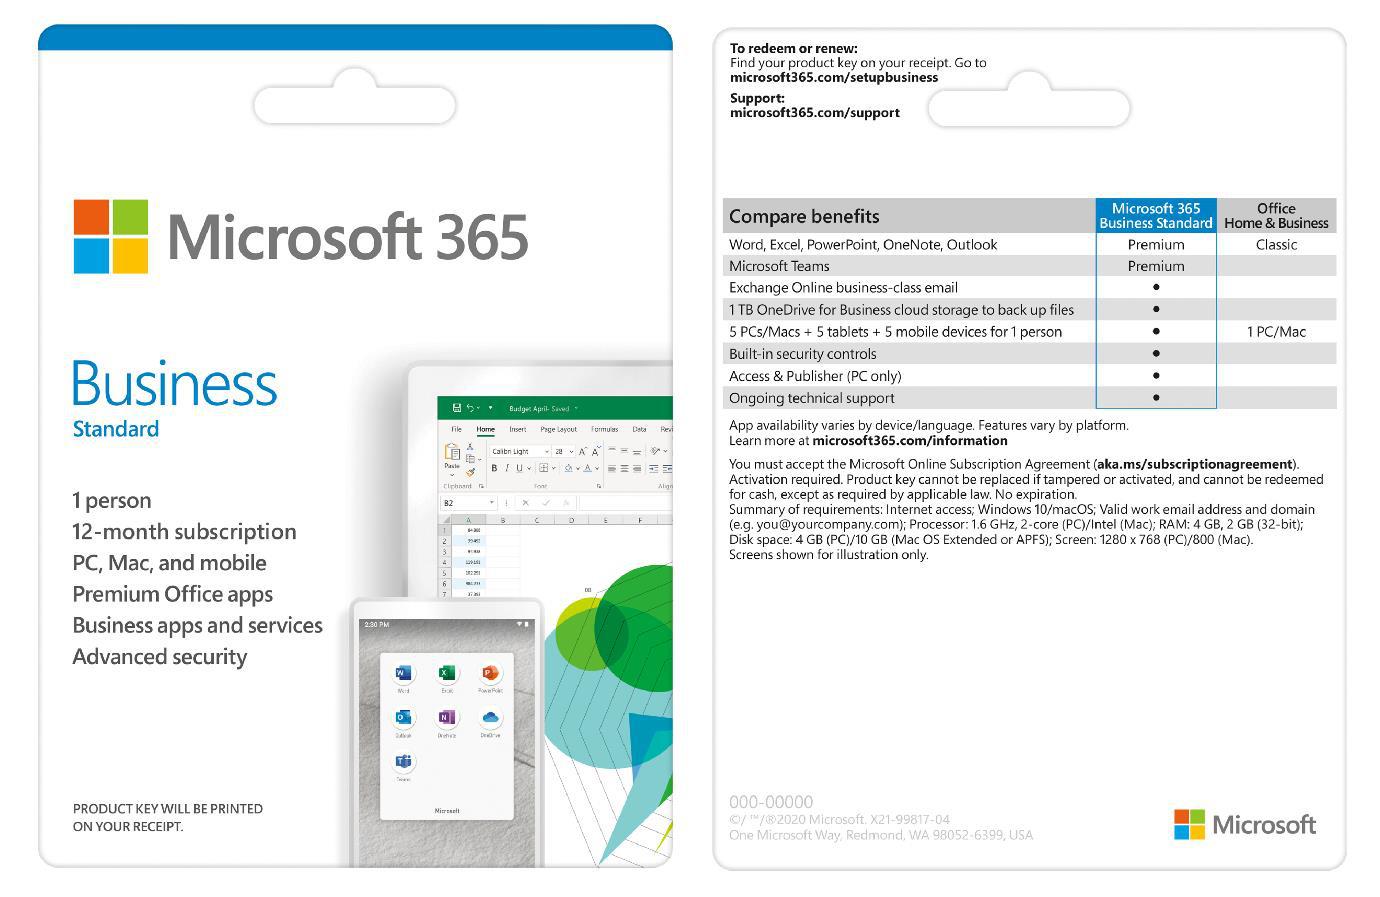 Đây chính là lúc để mua ngay Office, Microsoft vừa nâng cấp Office 365 thành Microsoft 365, lợi ích nhân đôi - giá không đổi - Ảnh 5.